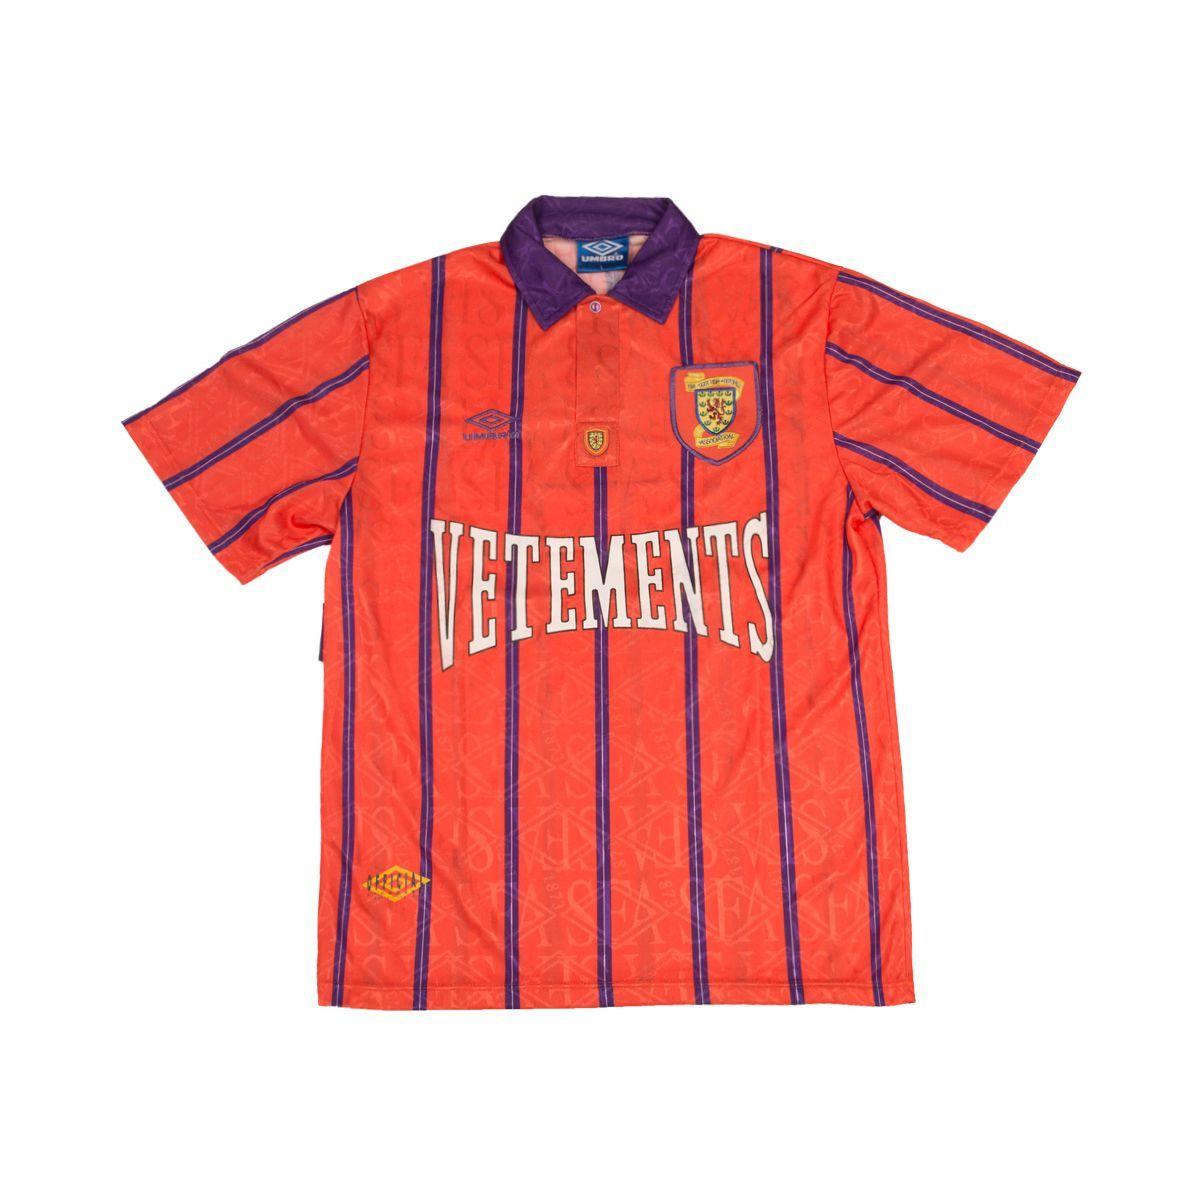 Les Vetements de Football Vetements Scotland 1993 Away Made in Uk ...